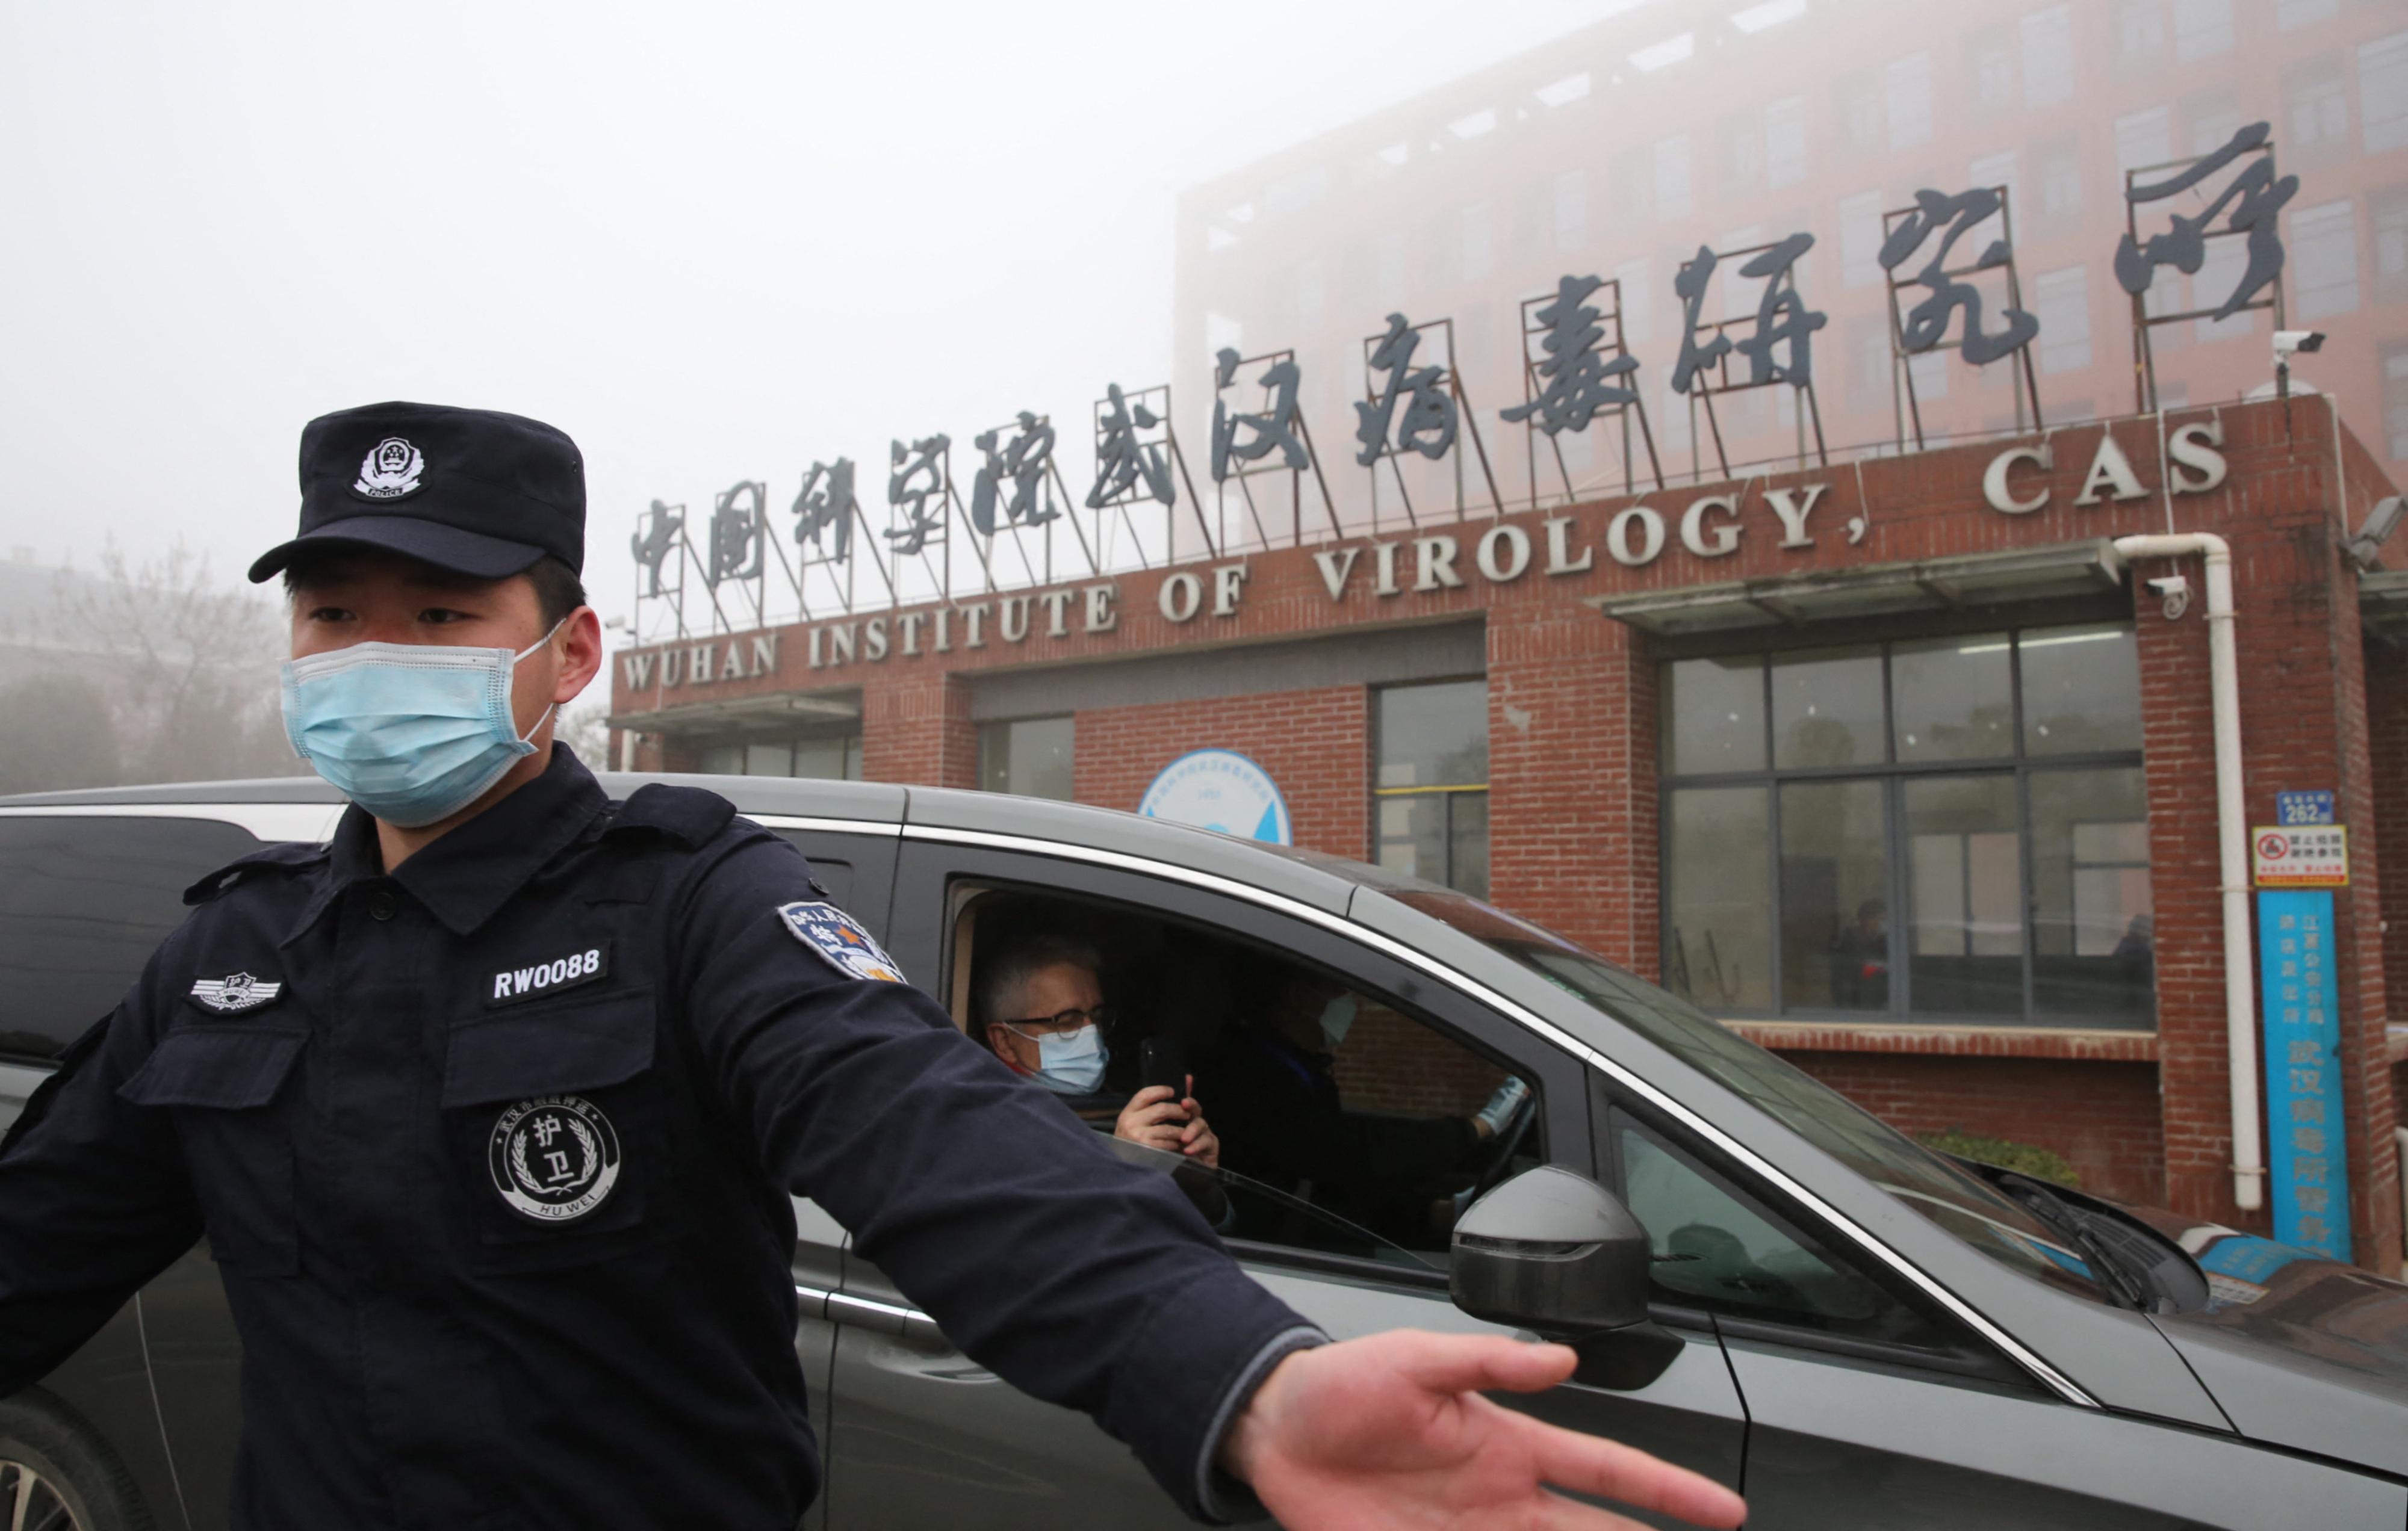 A WHO vezetője szerint túl korán vetették el az elméletet, hogy a kínai laborból szabadult ki a koronavírus